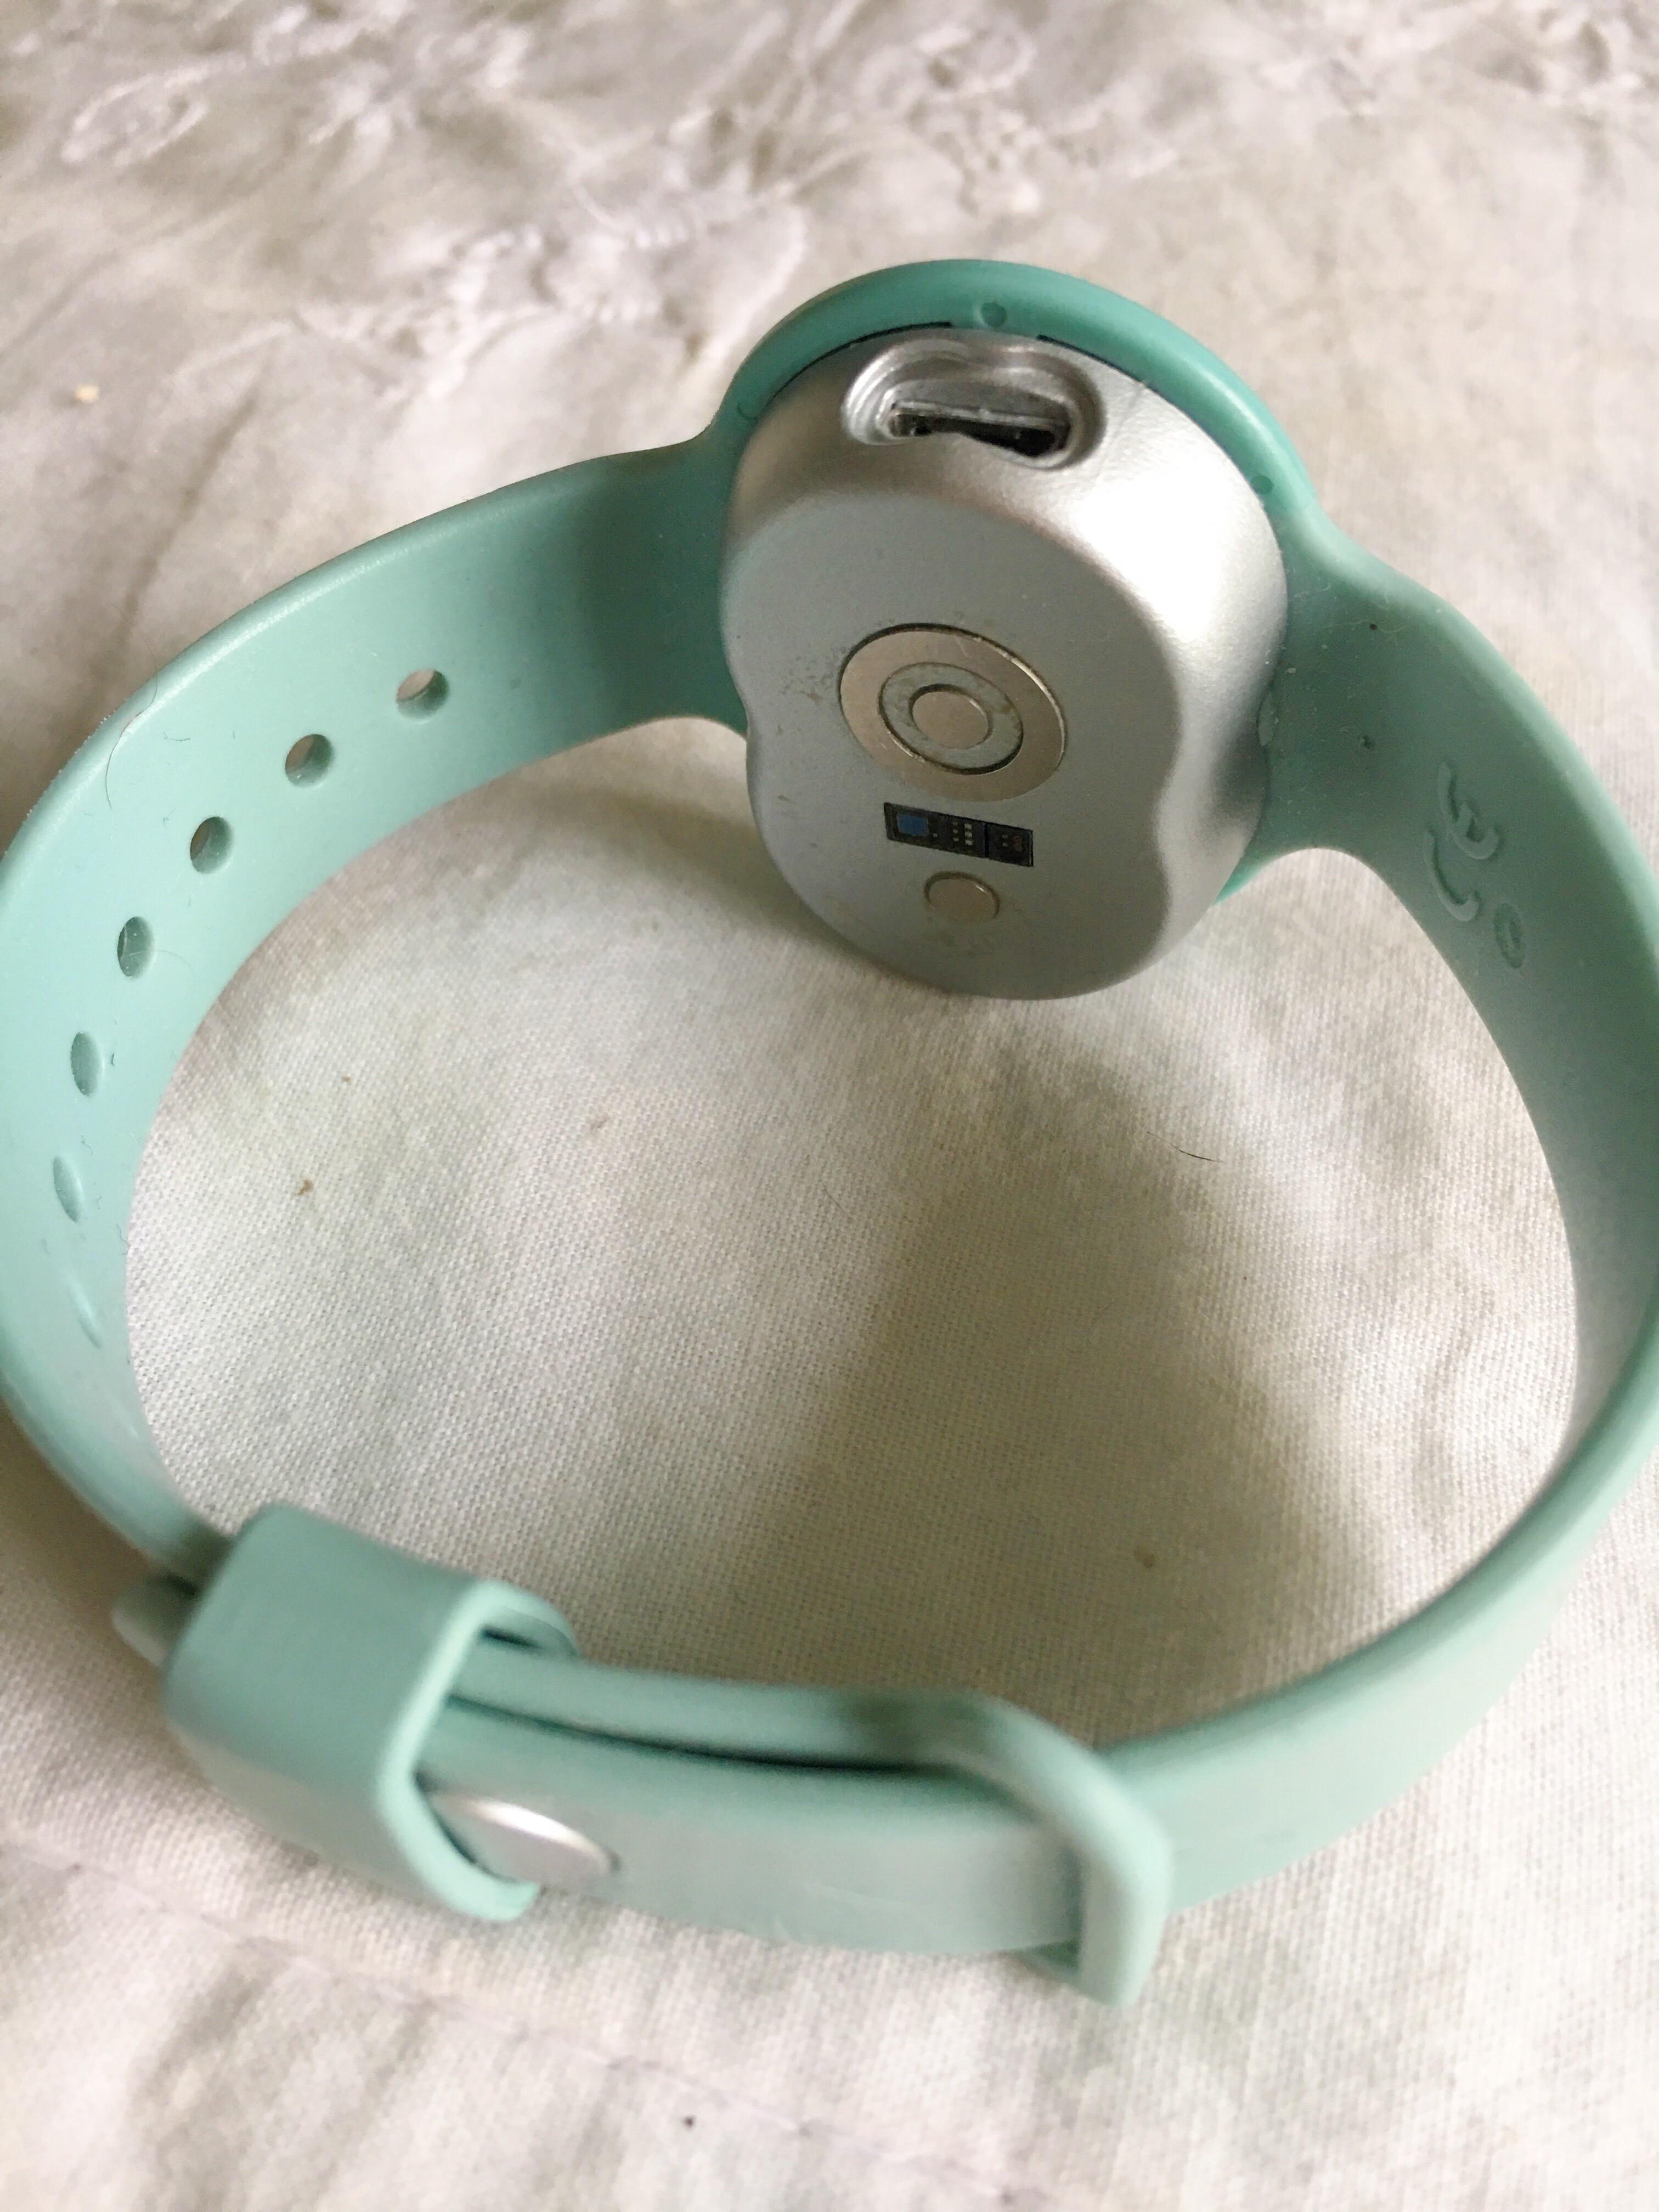 Ava la montre qui contr le mon cycle passionn ment - Tomber enceinte en allaitant et sans retour de couche ...